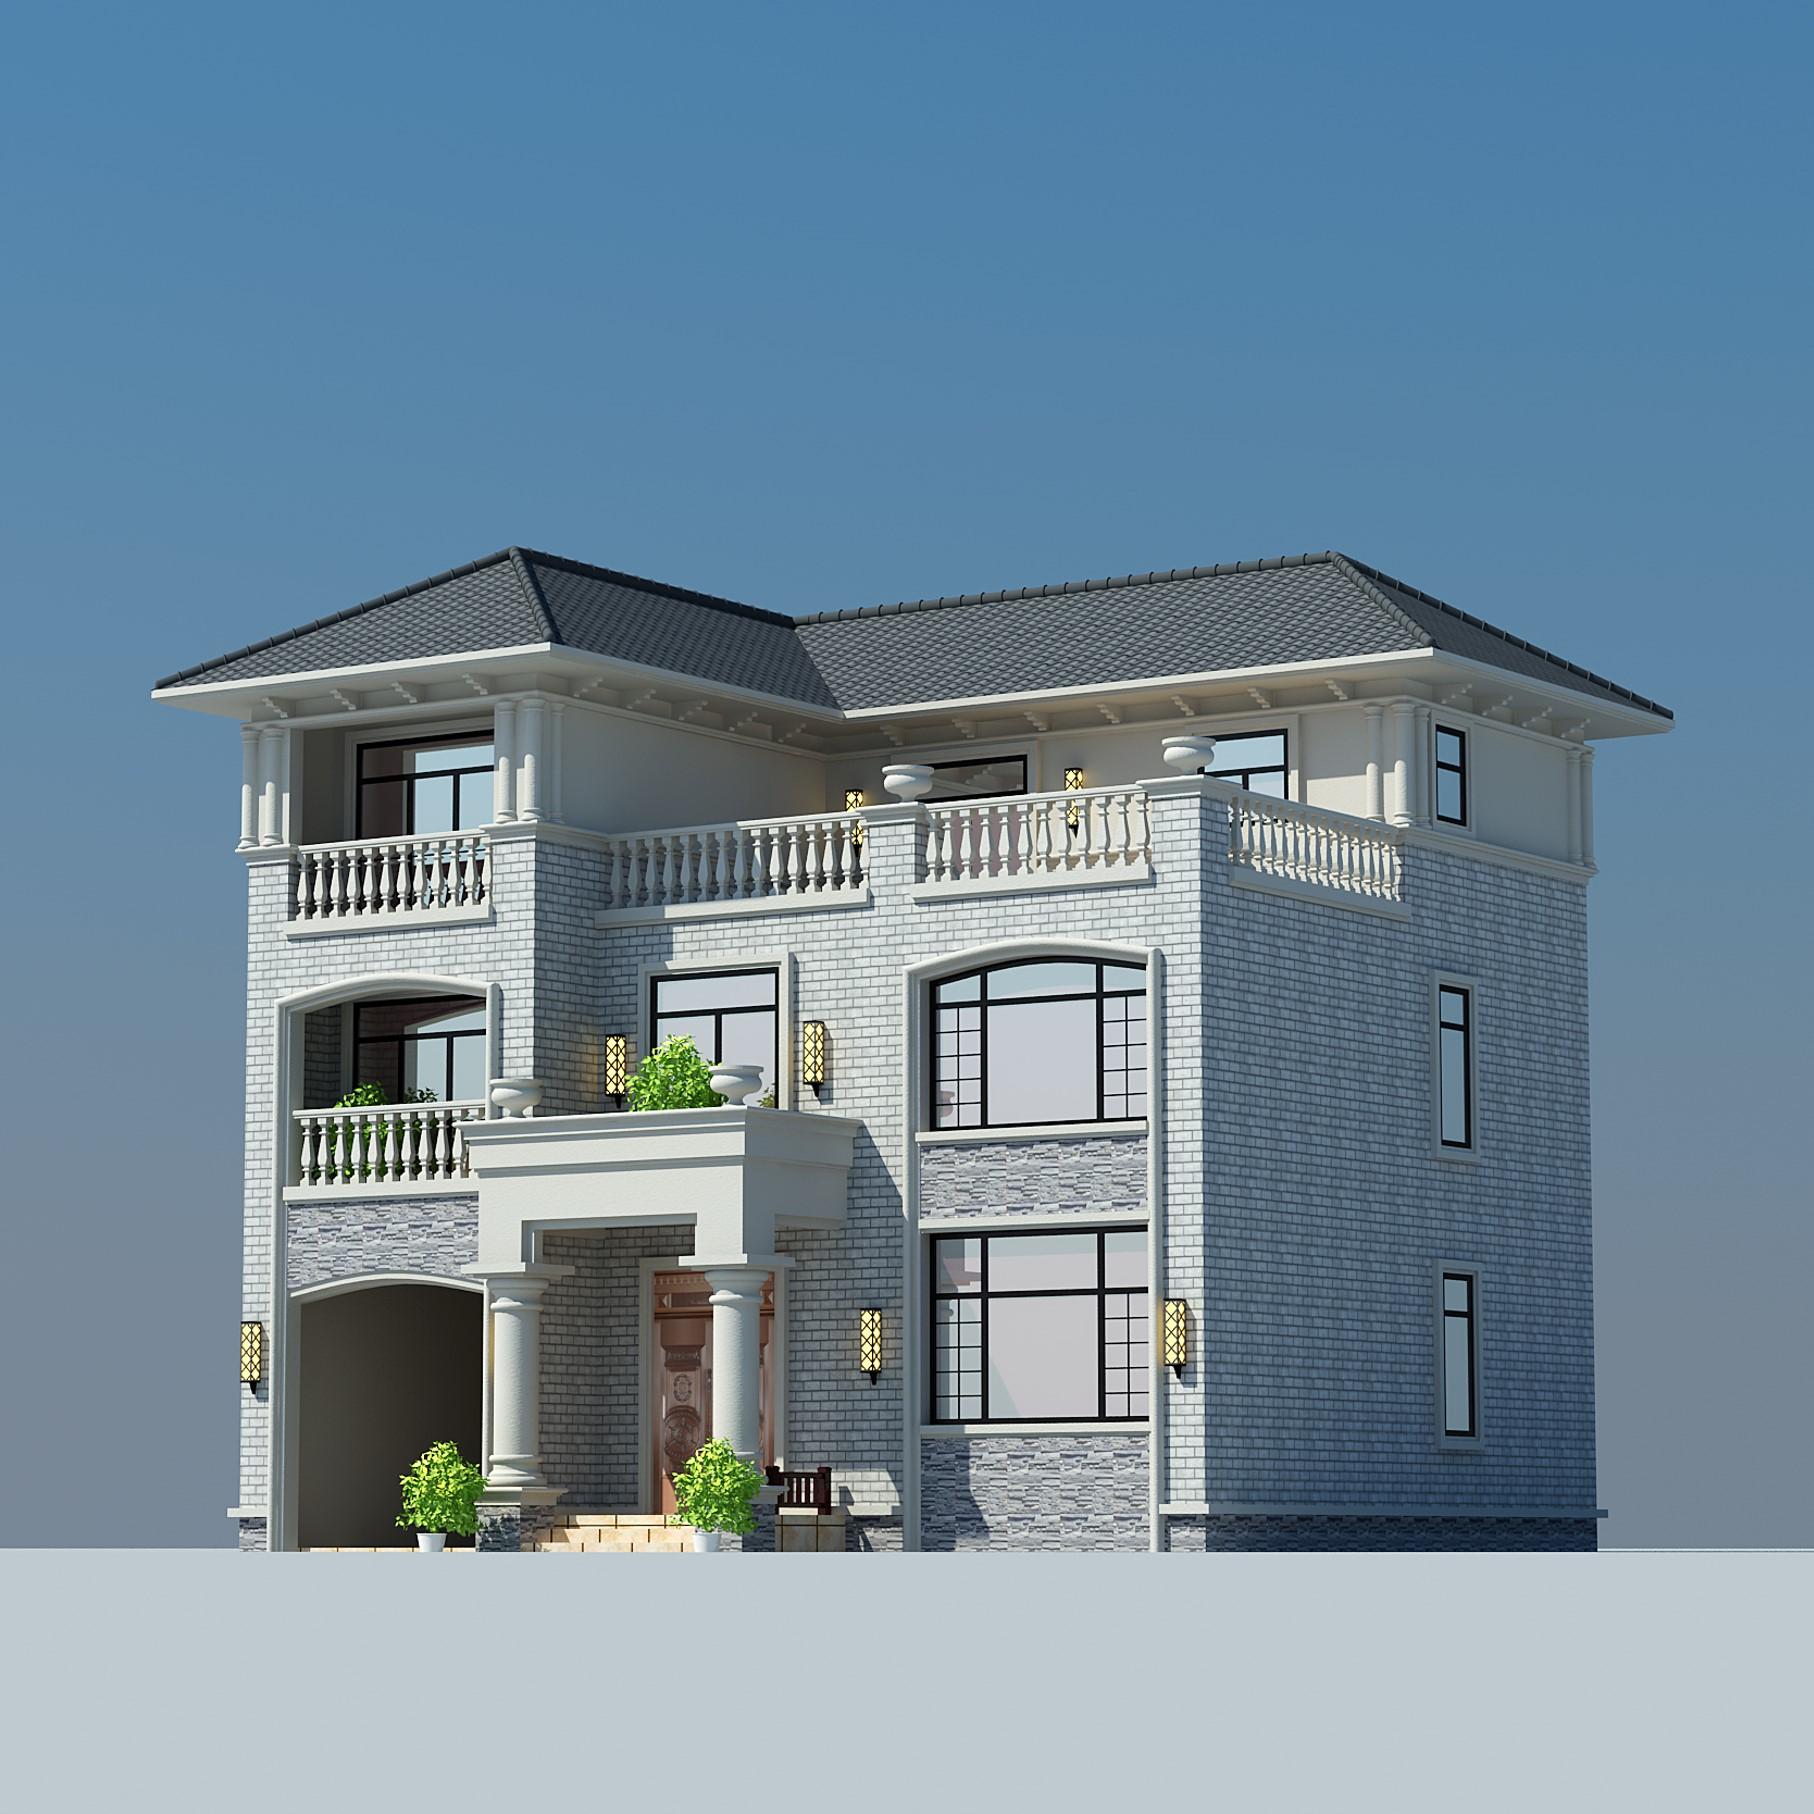 小图纸设计图纸自烹饪方式图纸设计农村三层7.2别墅建房获取别墅图片